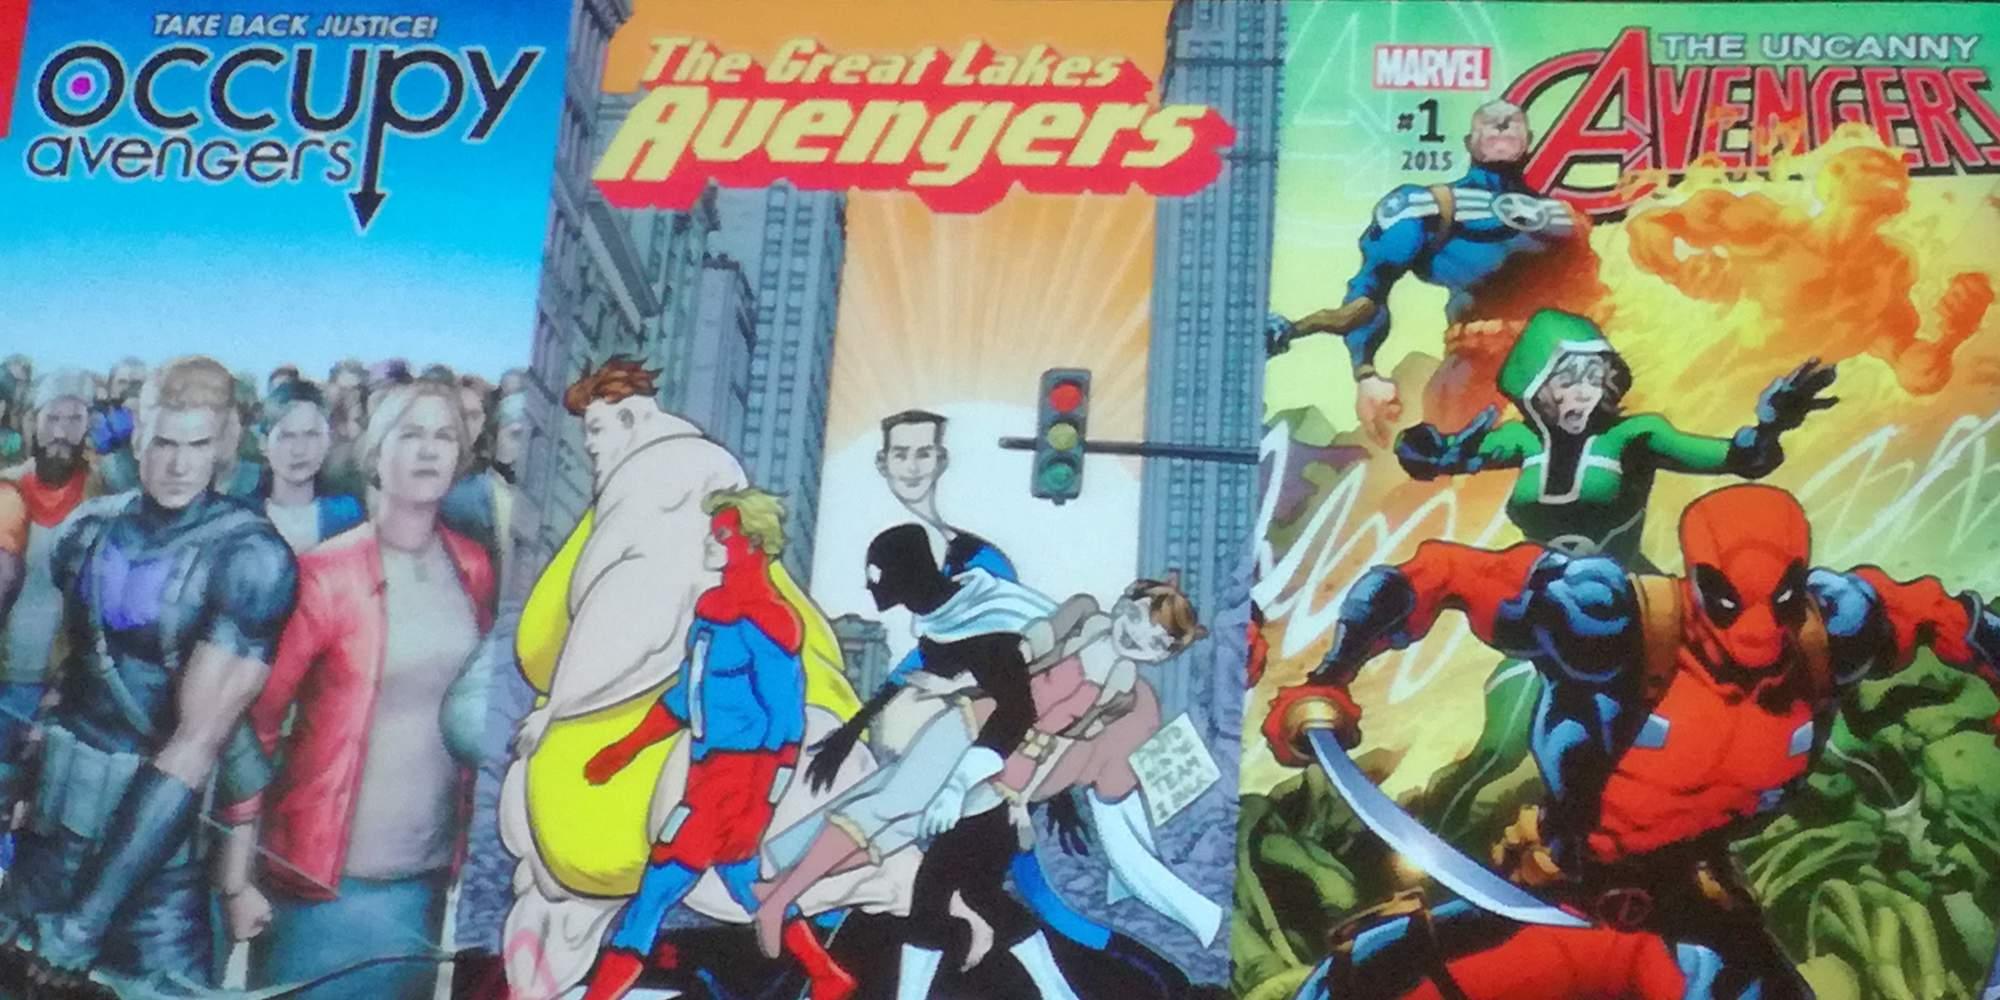 Úspěch Avengers motivoval Marvel k tomu, aby experimentoval. Foto: Jiří Král